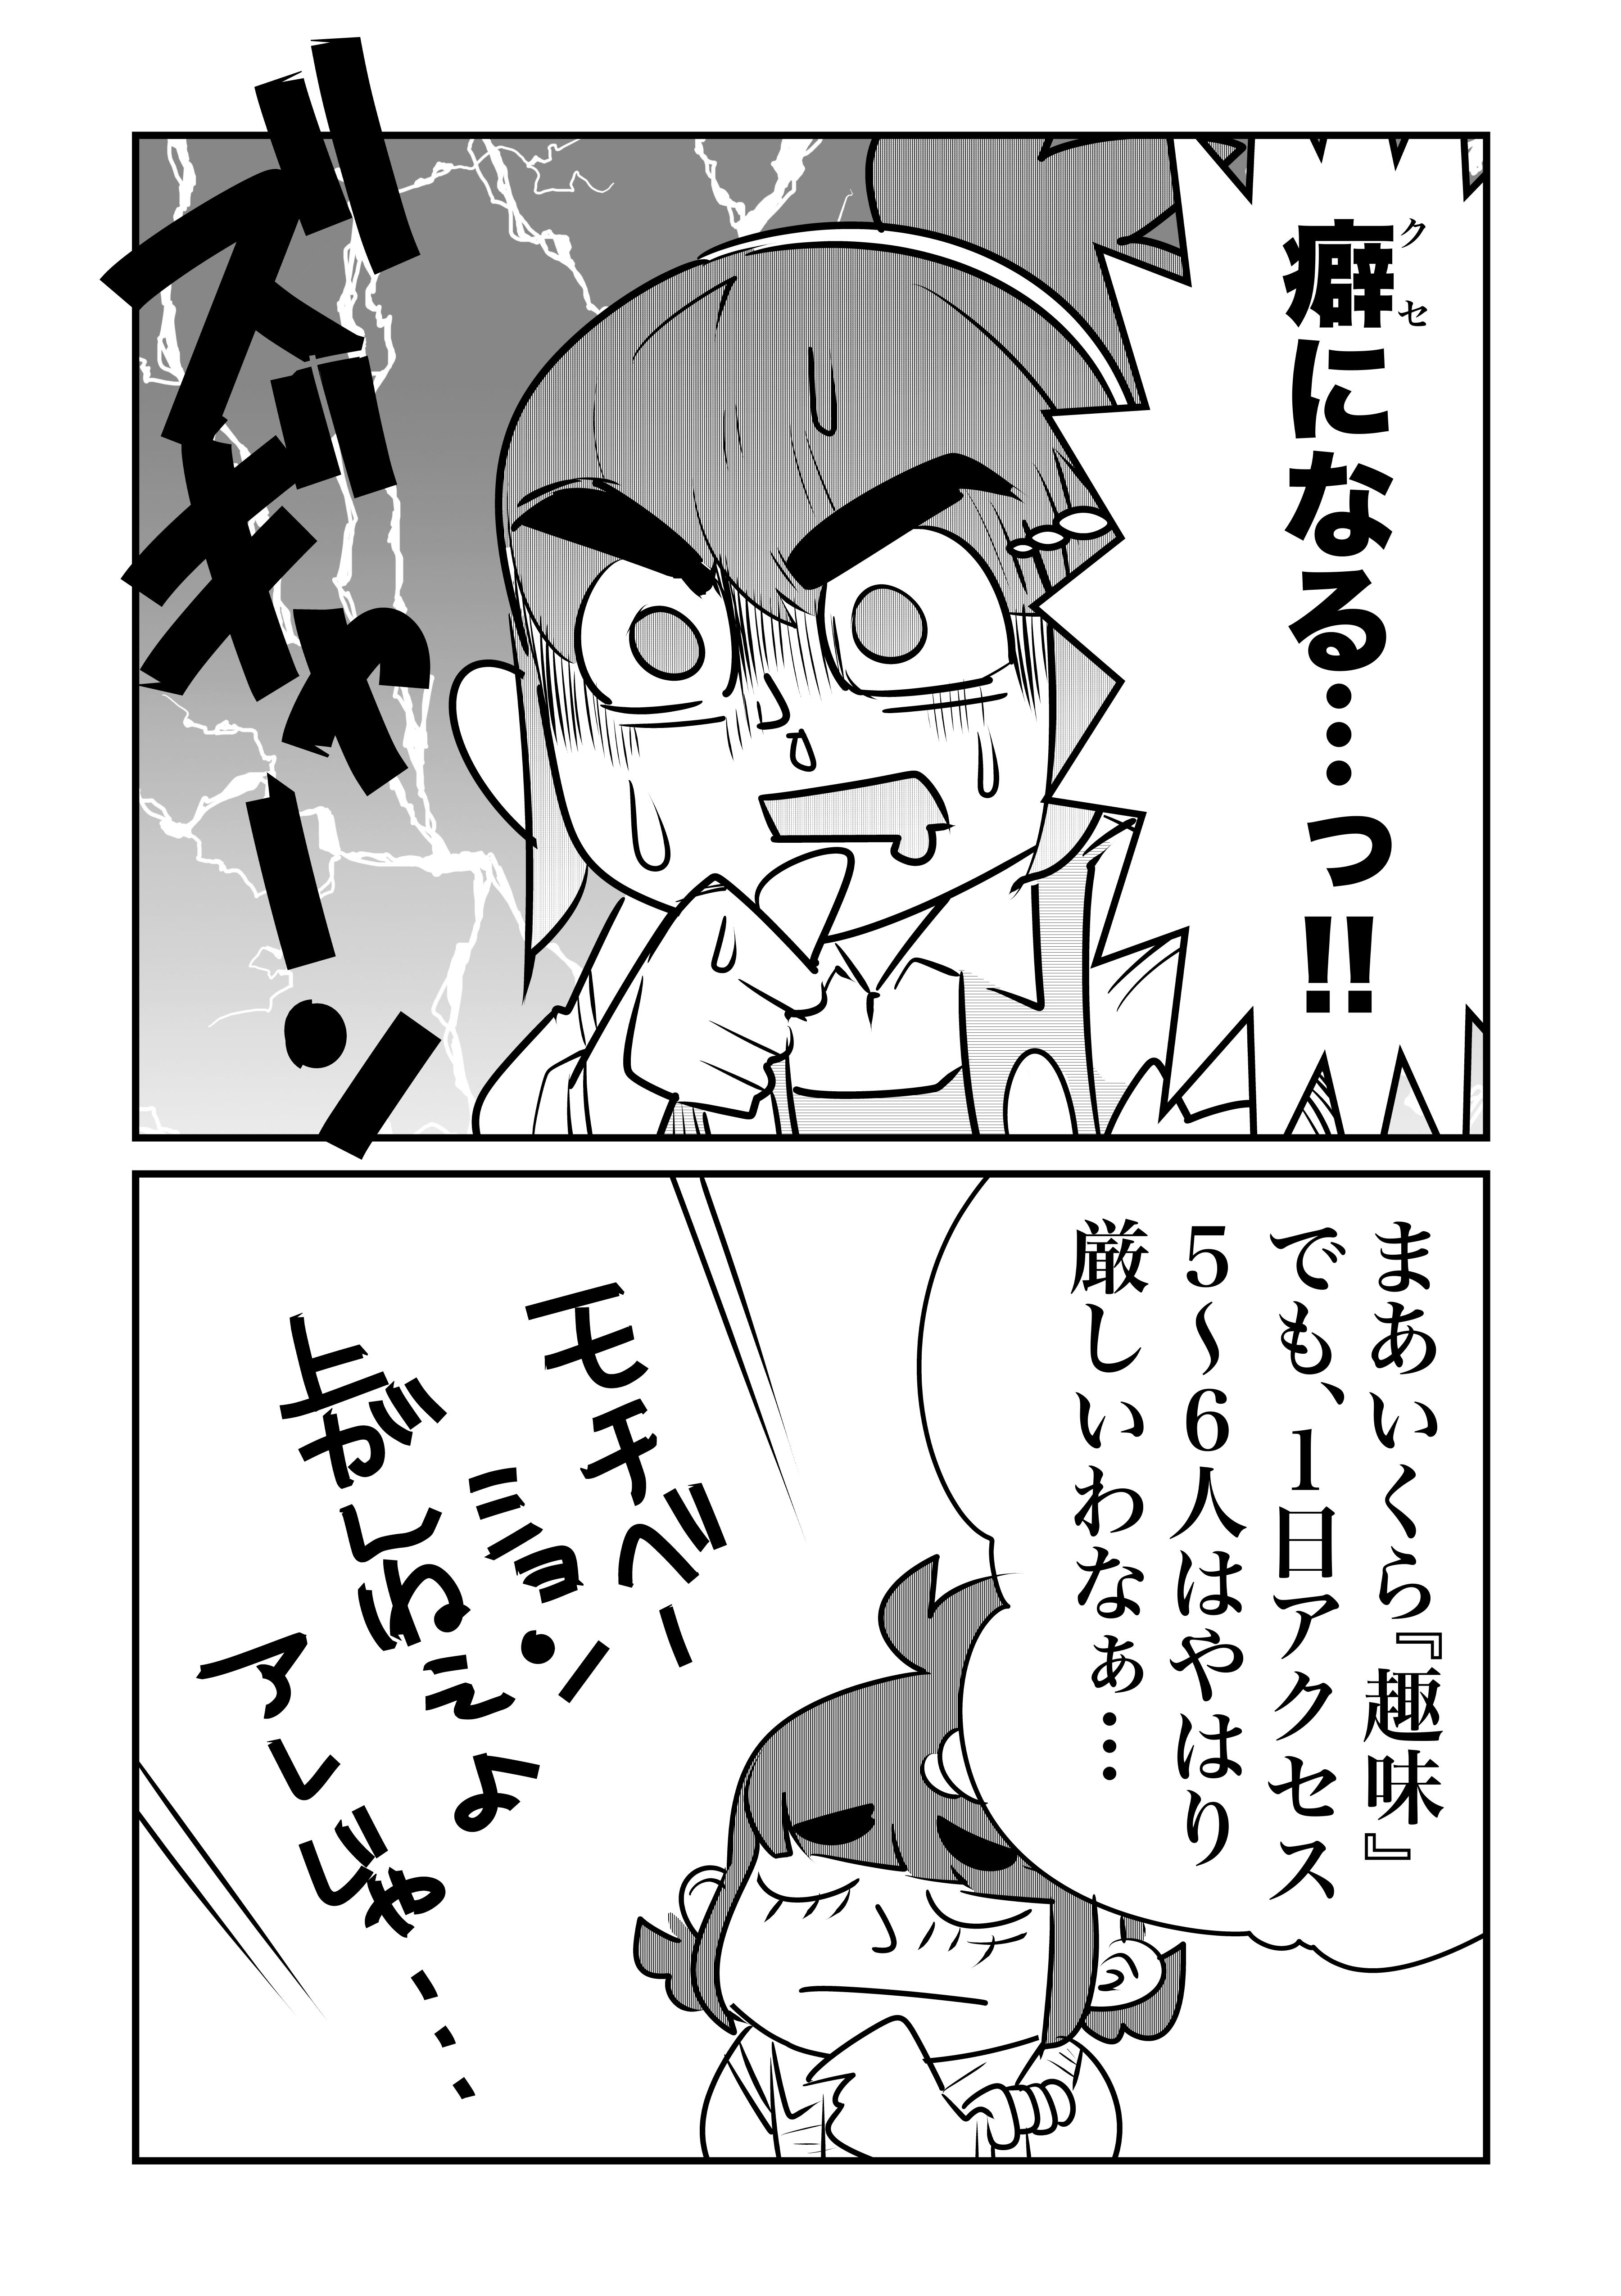 f:id:terashimaru117:20191127141526j:plain